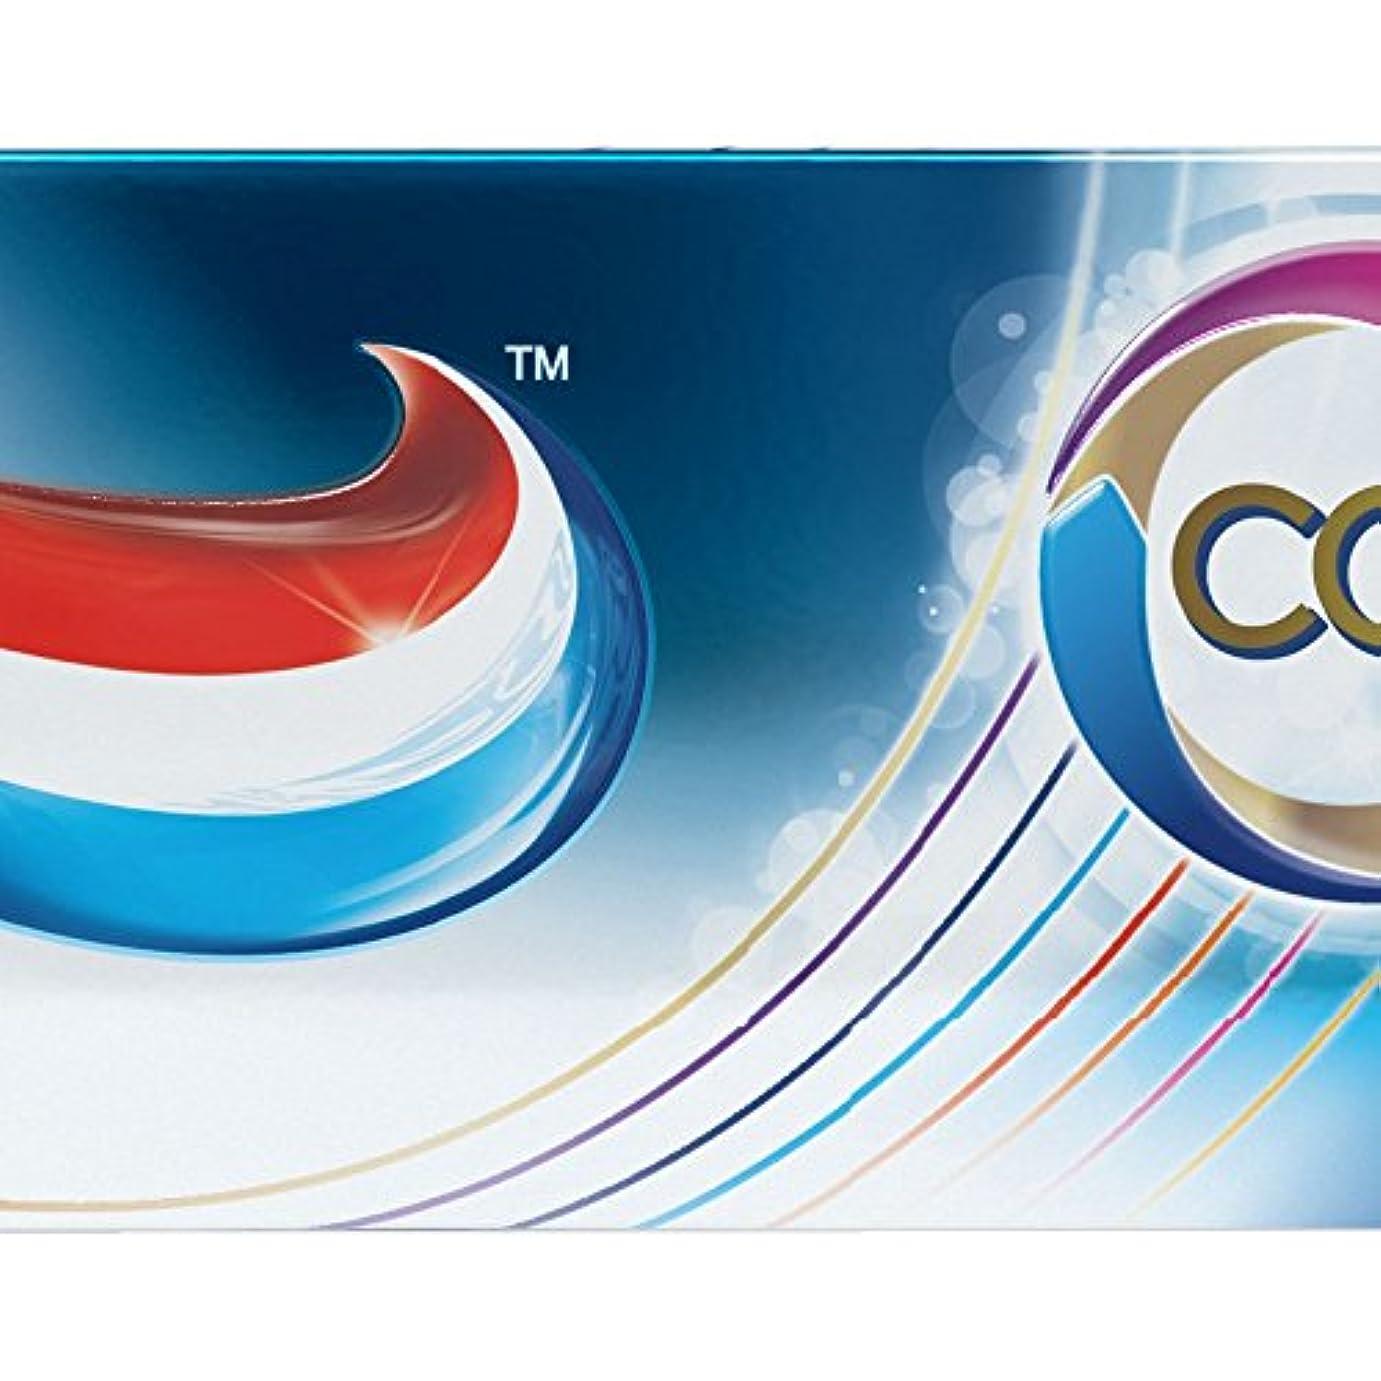 一致する抽選熟すAquafresh Complete Care Fluoride Toothpaste (75ml) アクアフレッシュコンプリートケアフッ化物歯磨き粉( 75ミリリットル) [並行輸入品]